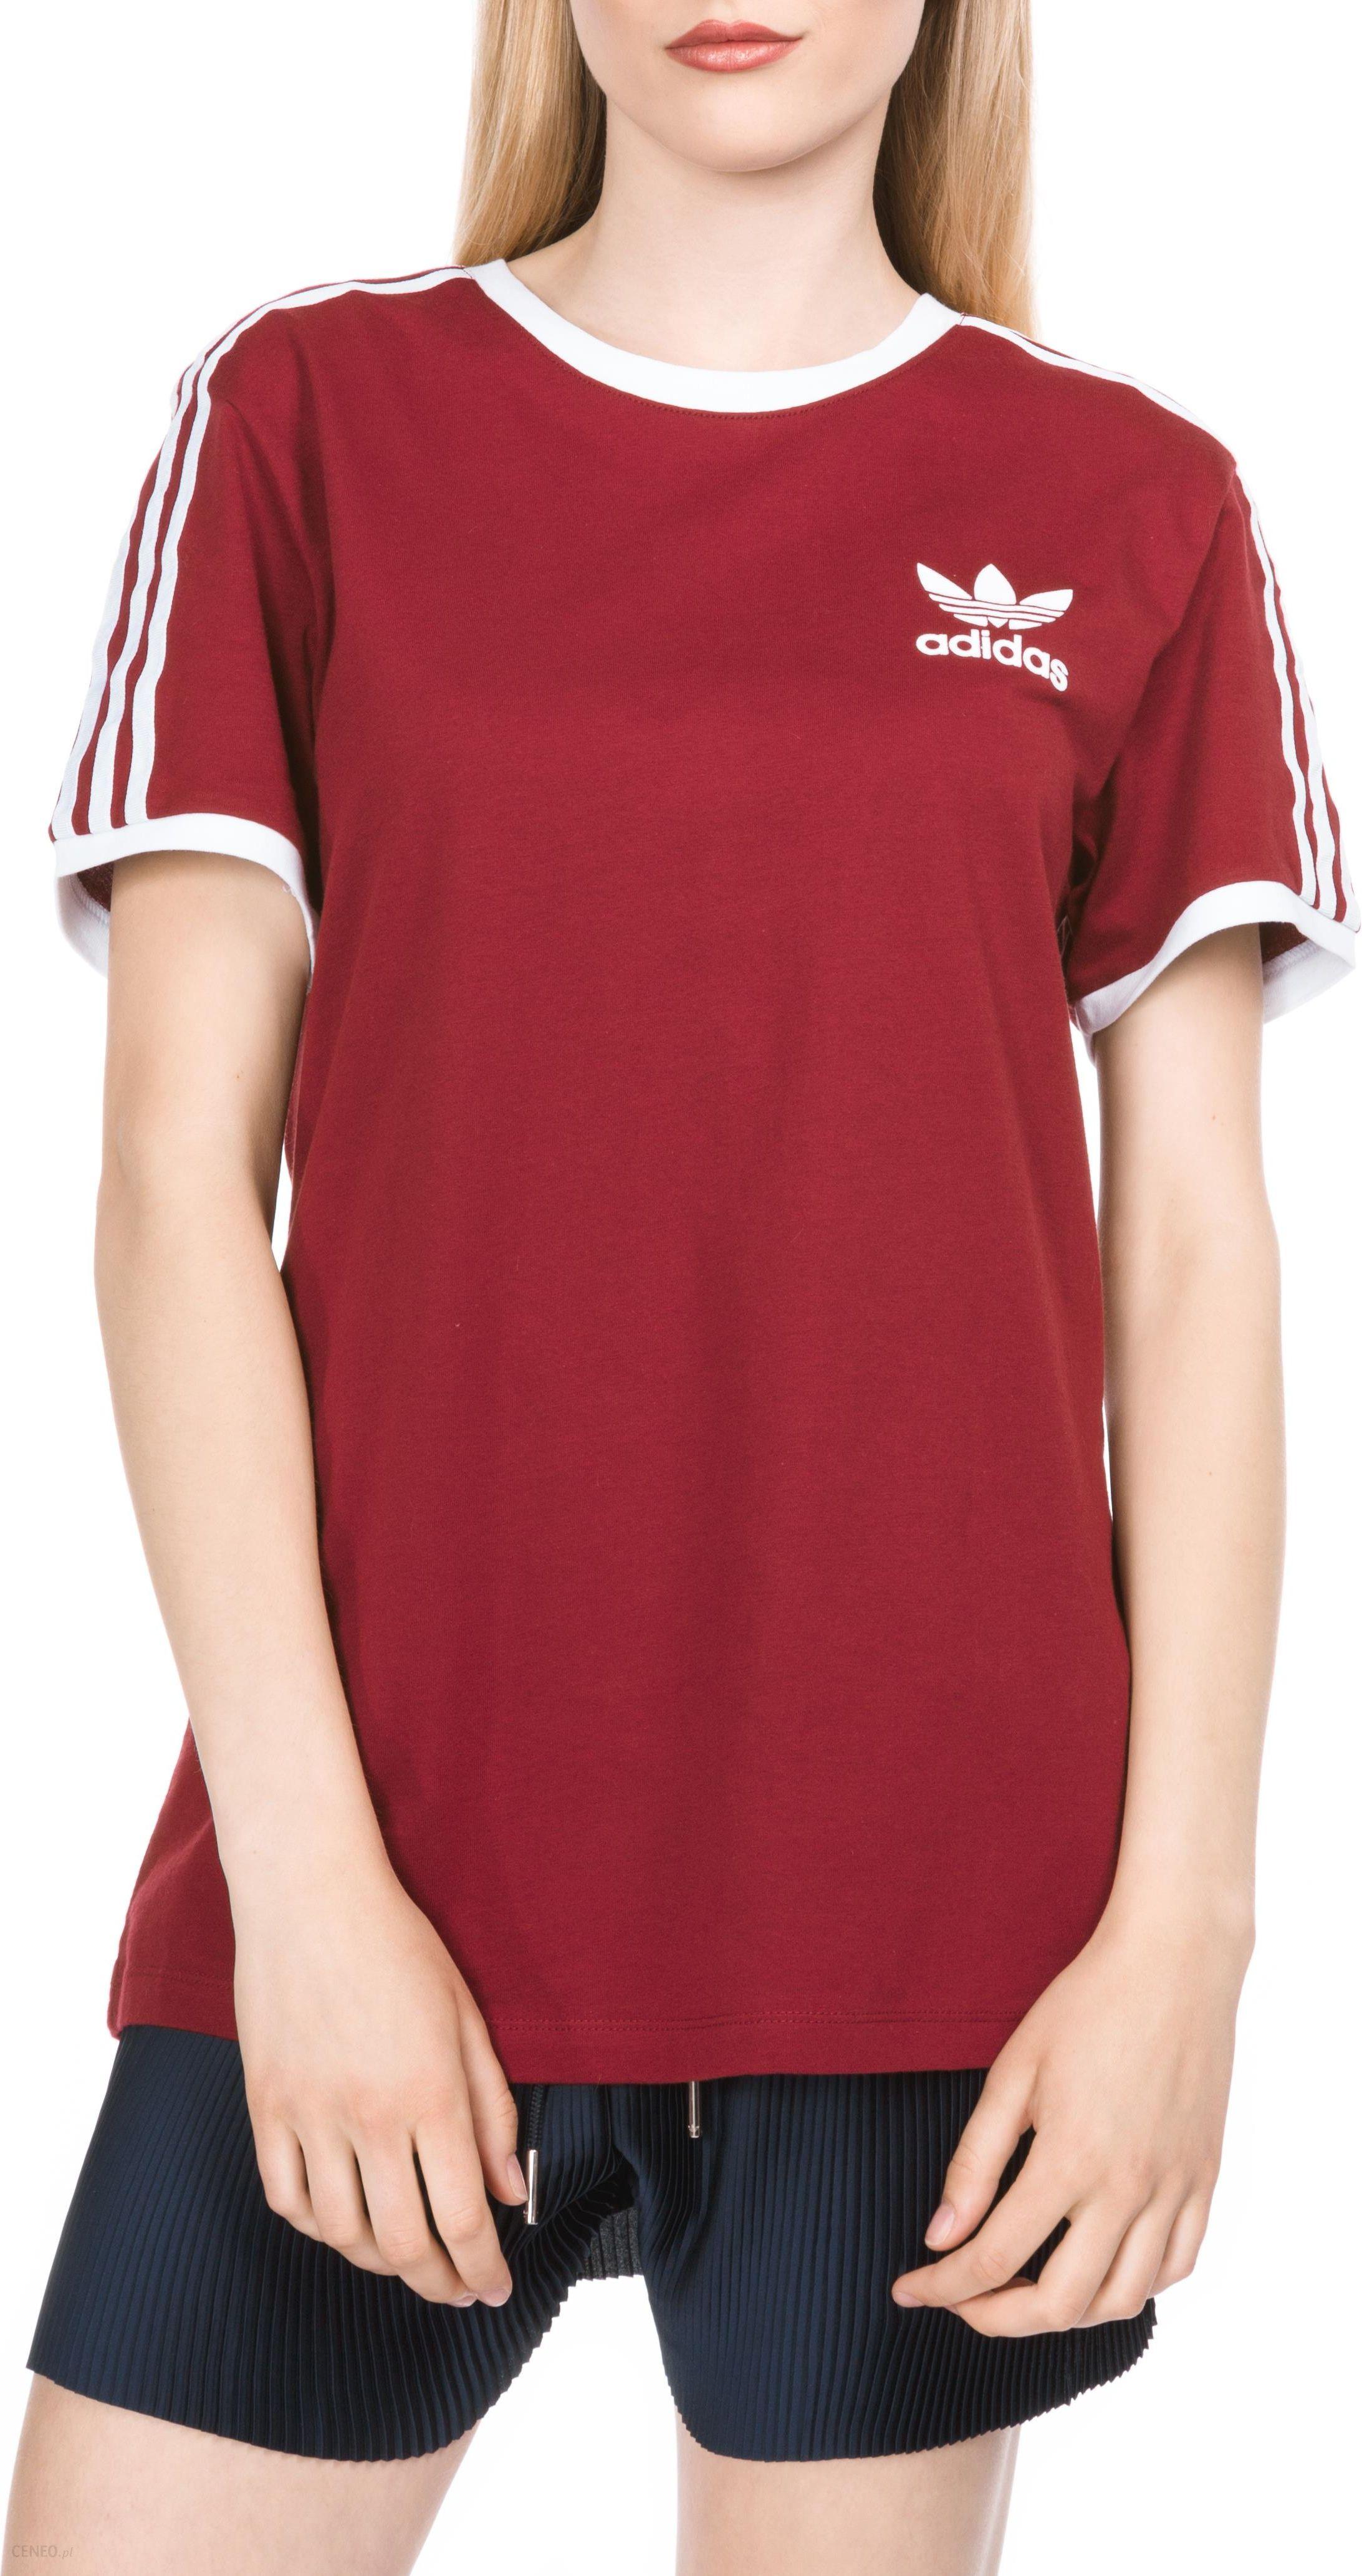 Adidas Originals T shirt damski czerwony Ceneo.pl